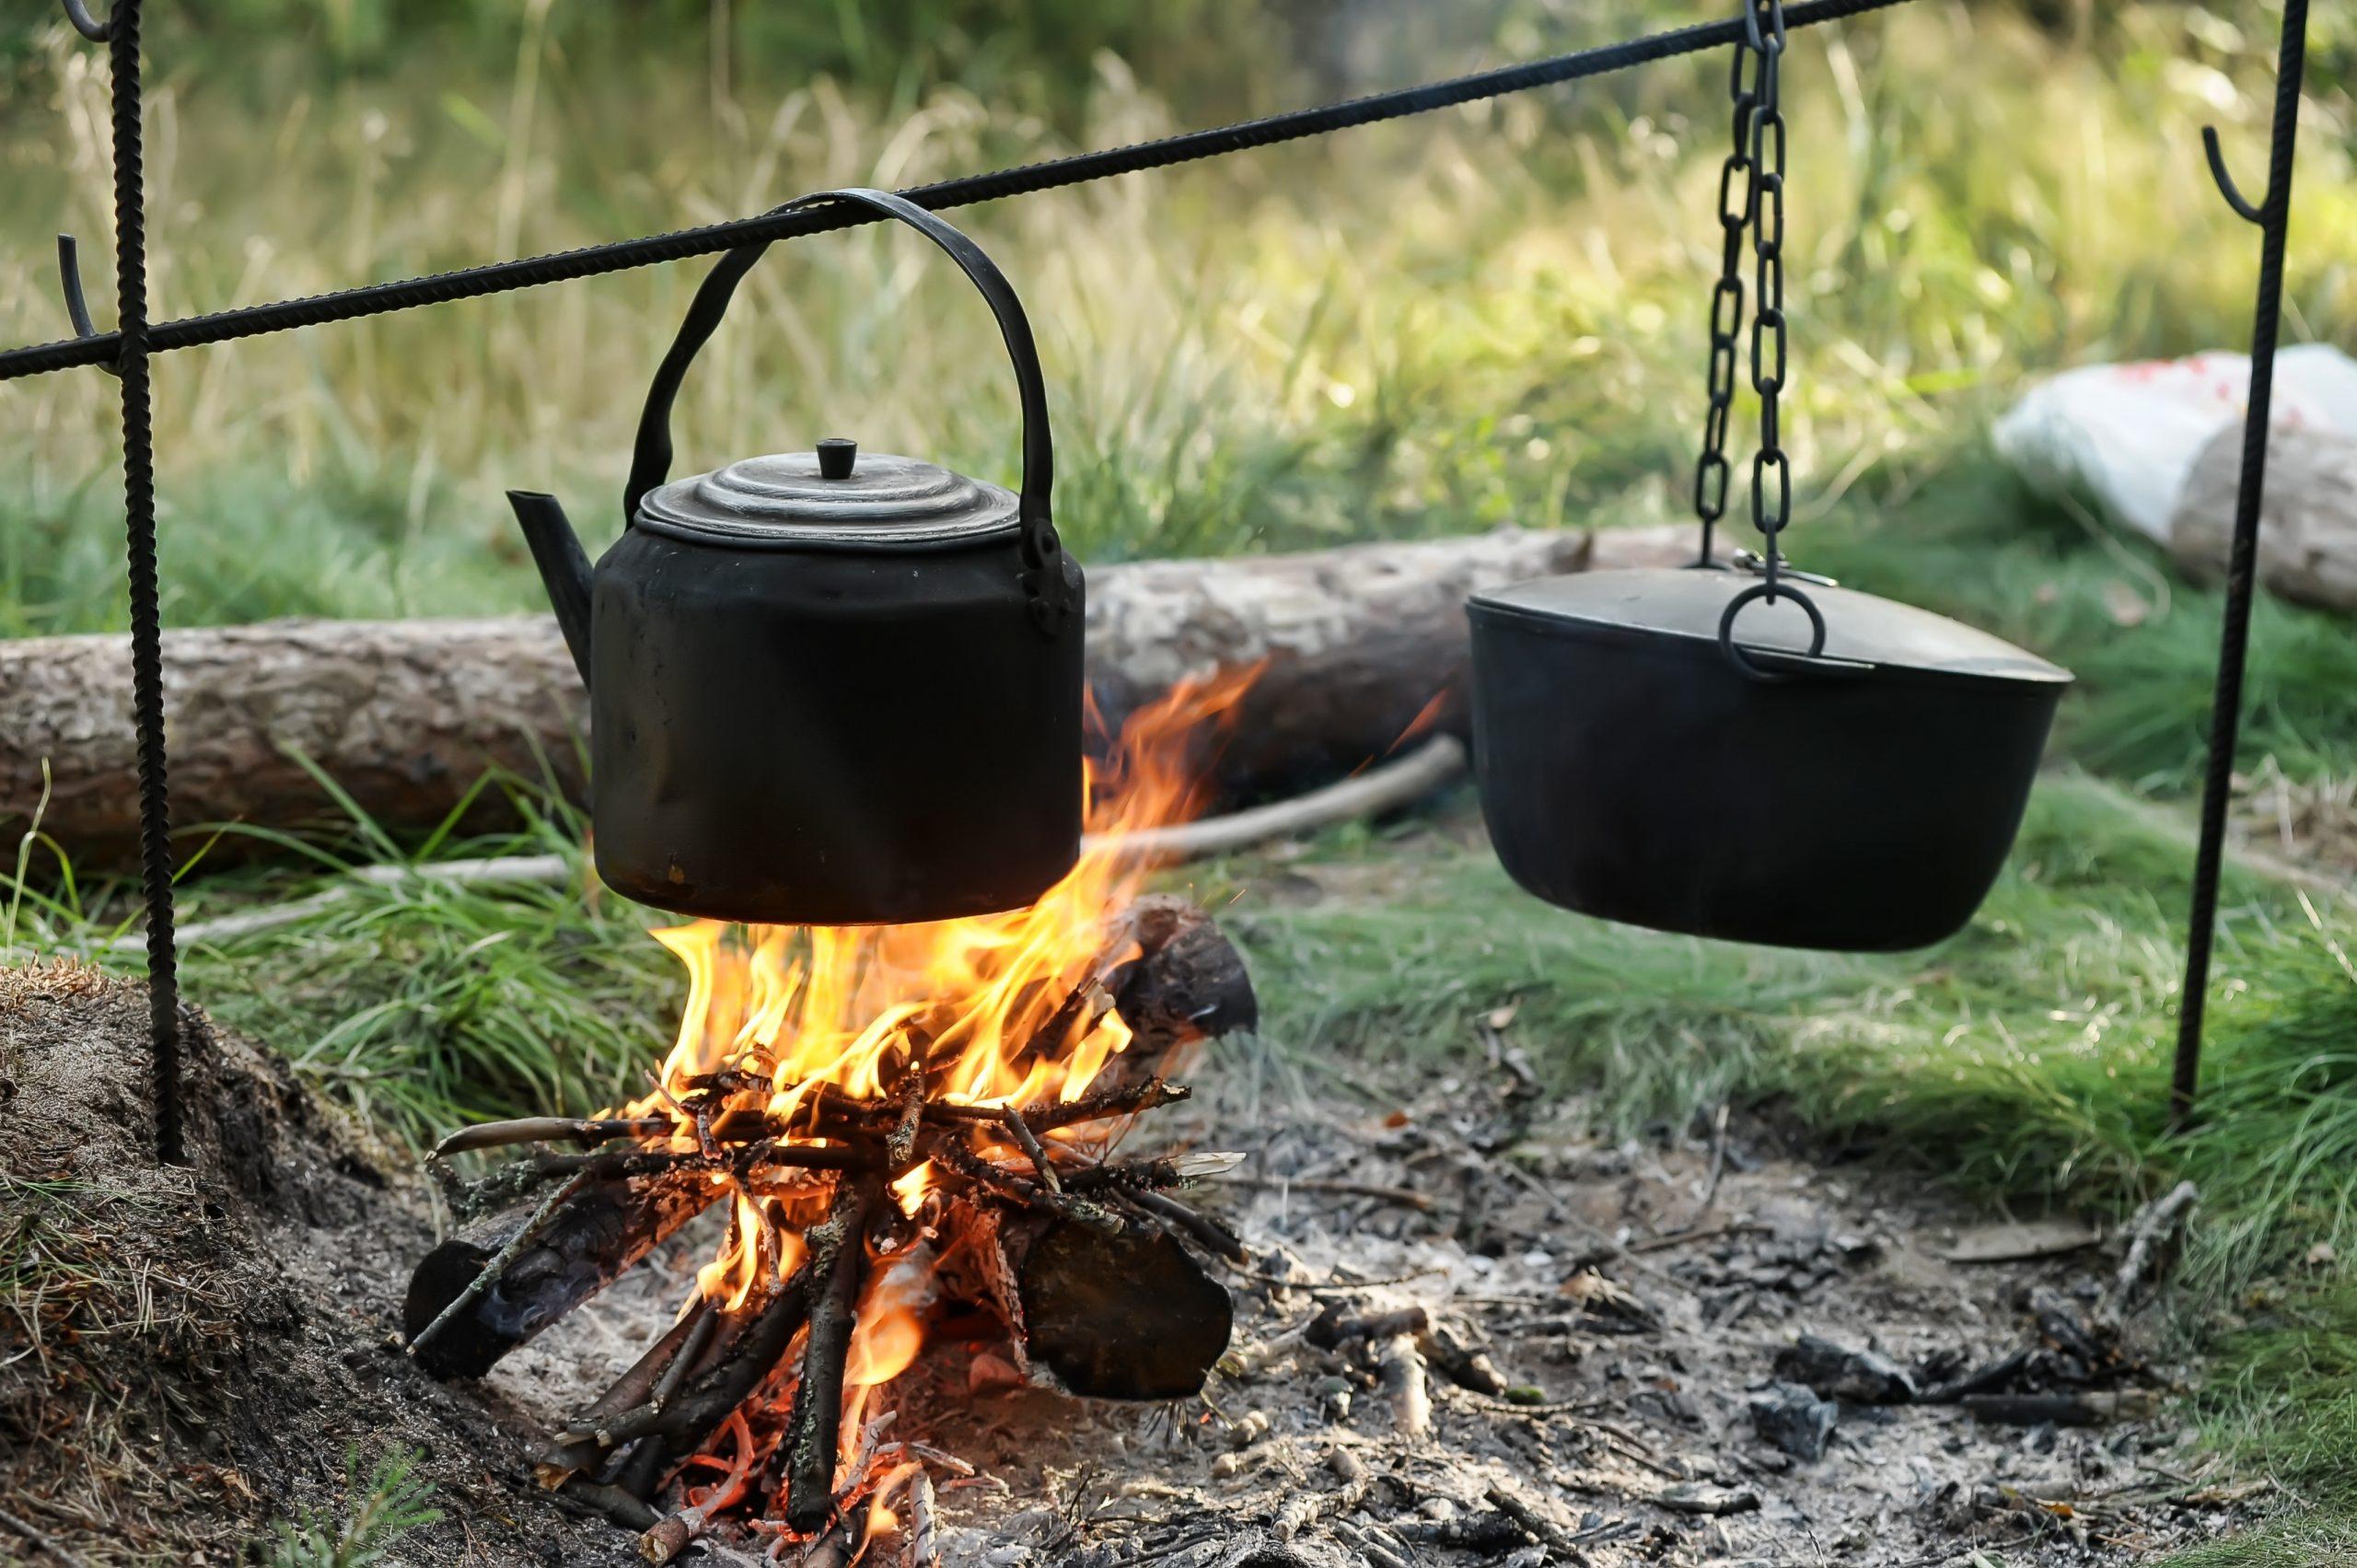 Camping Kochgeschirr: Test & Empfehlungen (03/20)